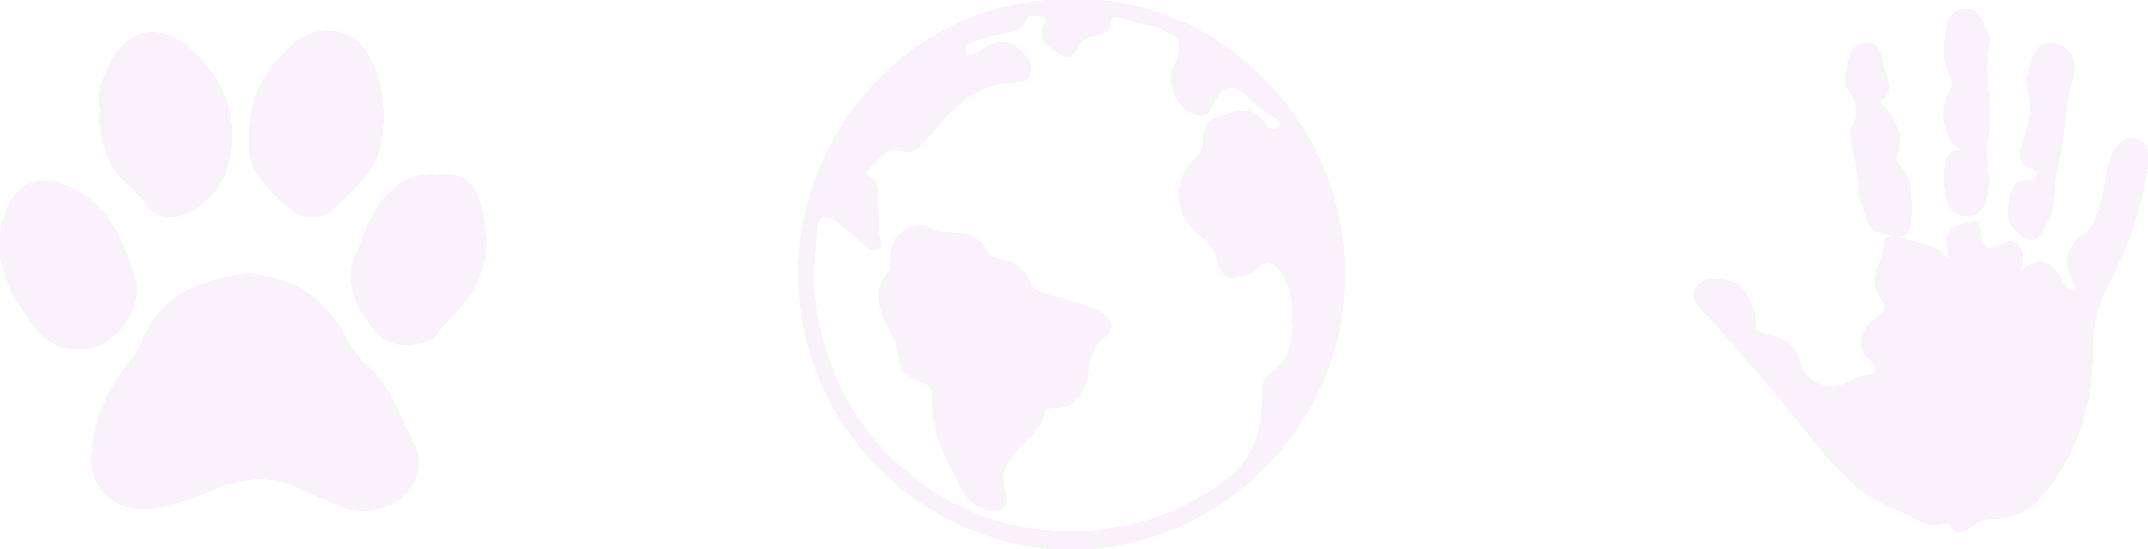 Les Animaux La Planète Les Humains